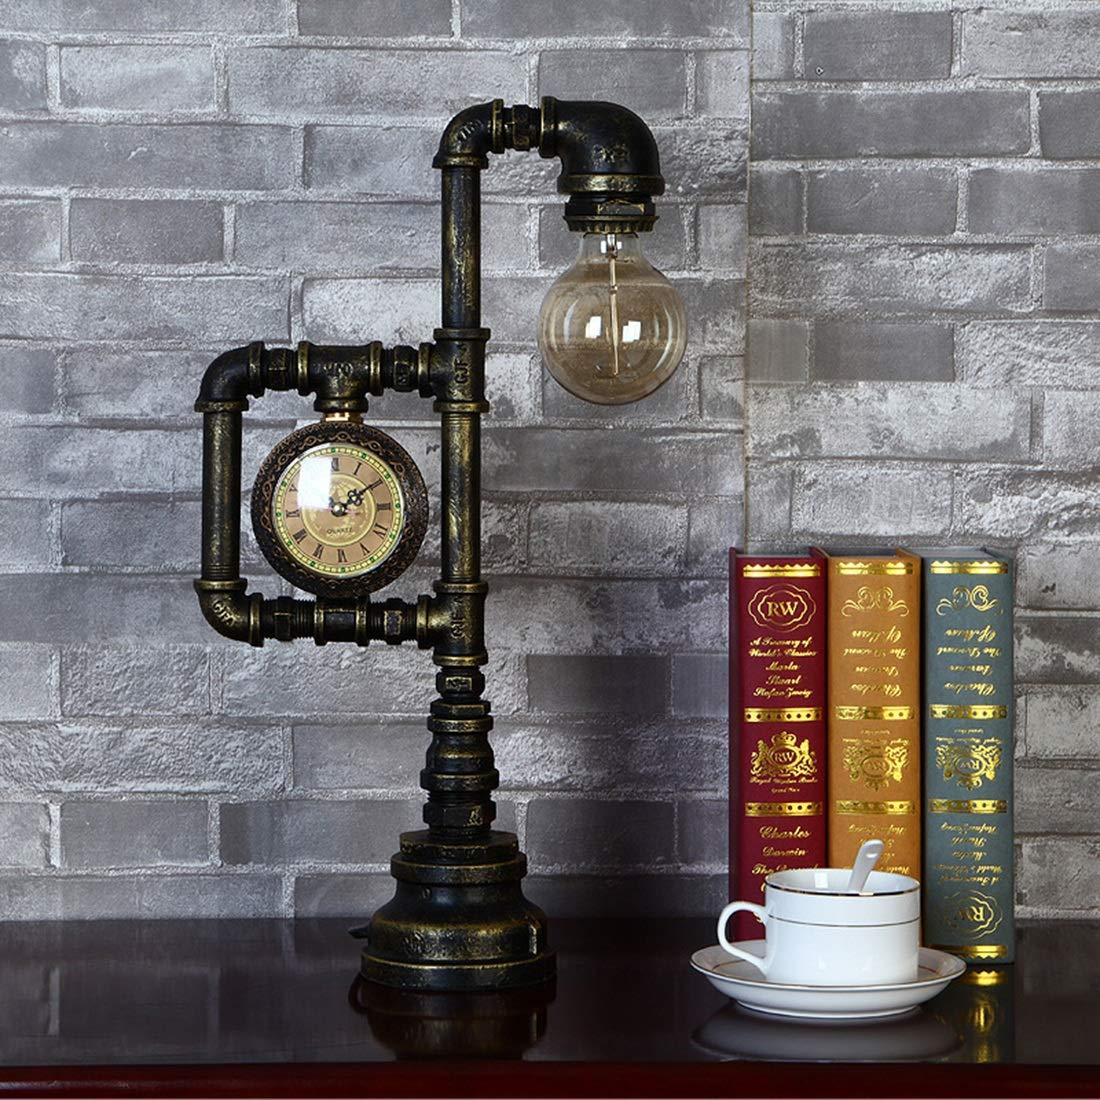 ノウ建材貿易 ガーデン、工業用テーブルライト器具の装飾バーレストランのコーヒーショップと家庭用のための錆びた水パイプライトフィッティング B07SHL7VC2